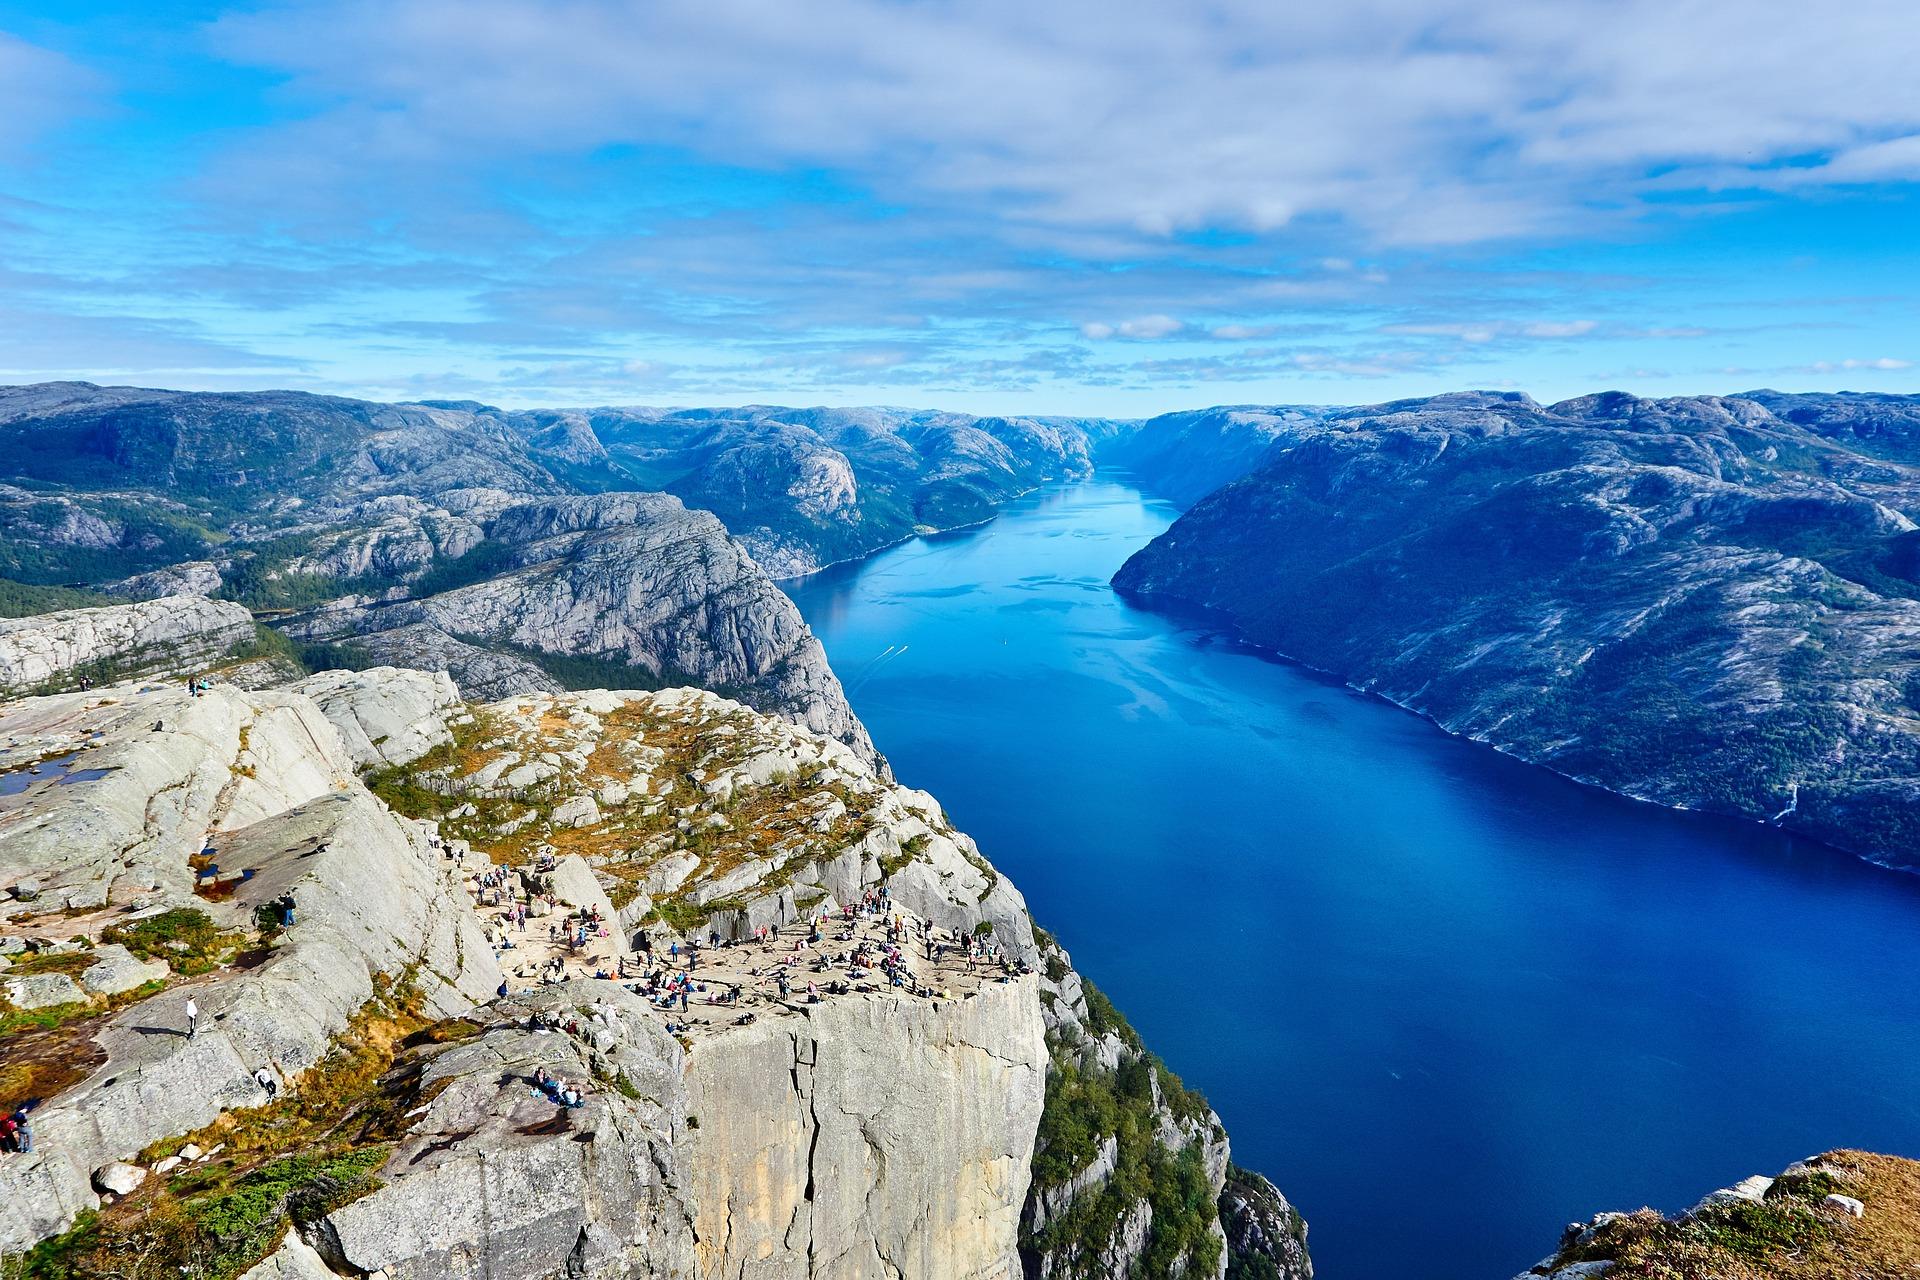 Zdjęcie fiordów norweskich